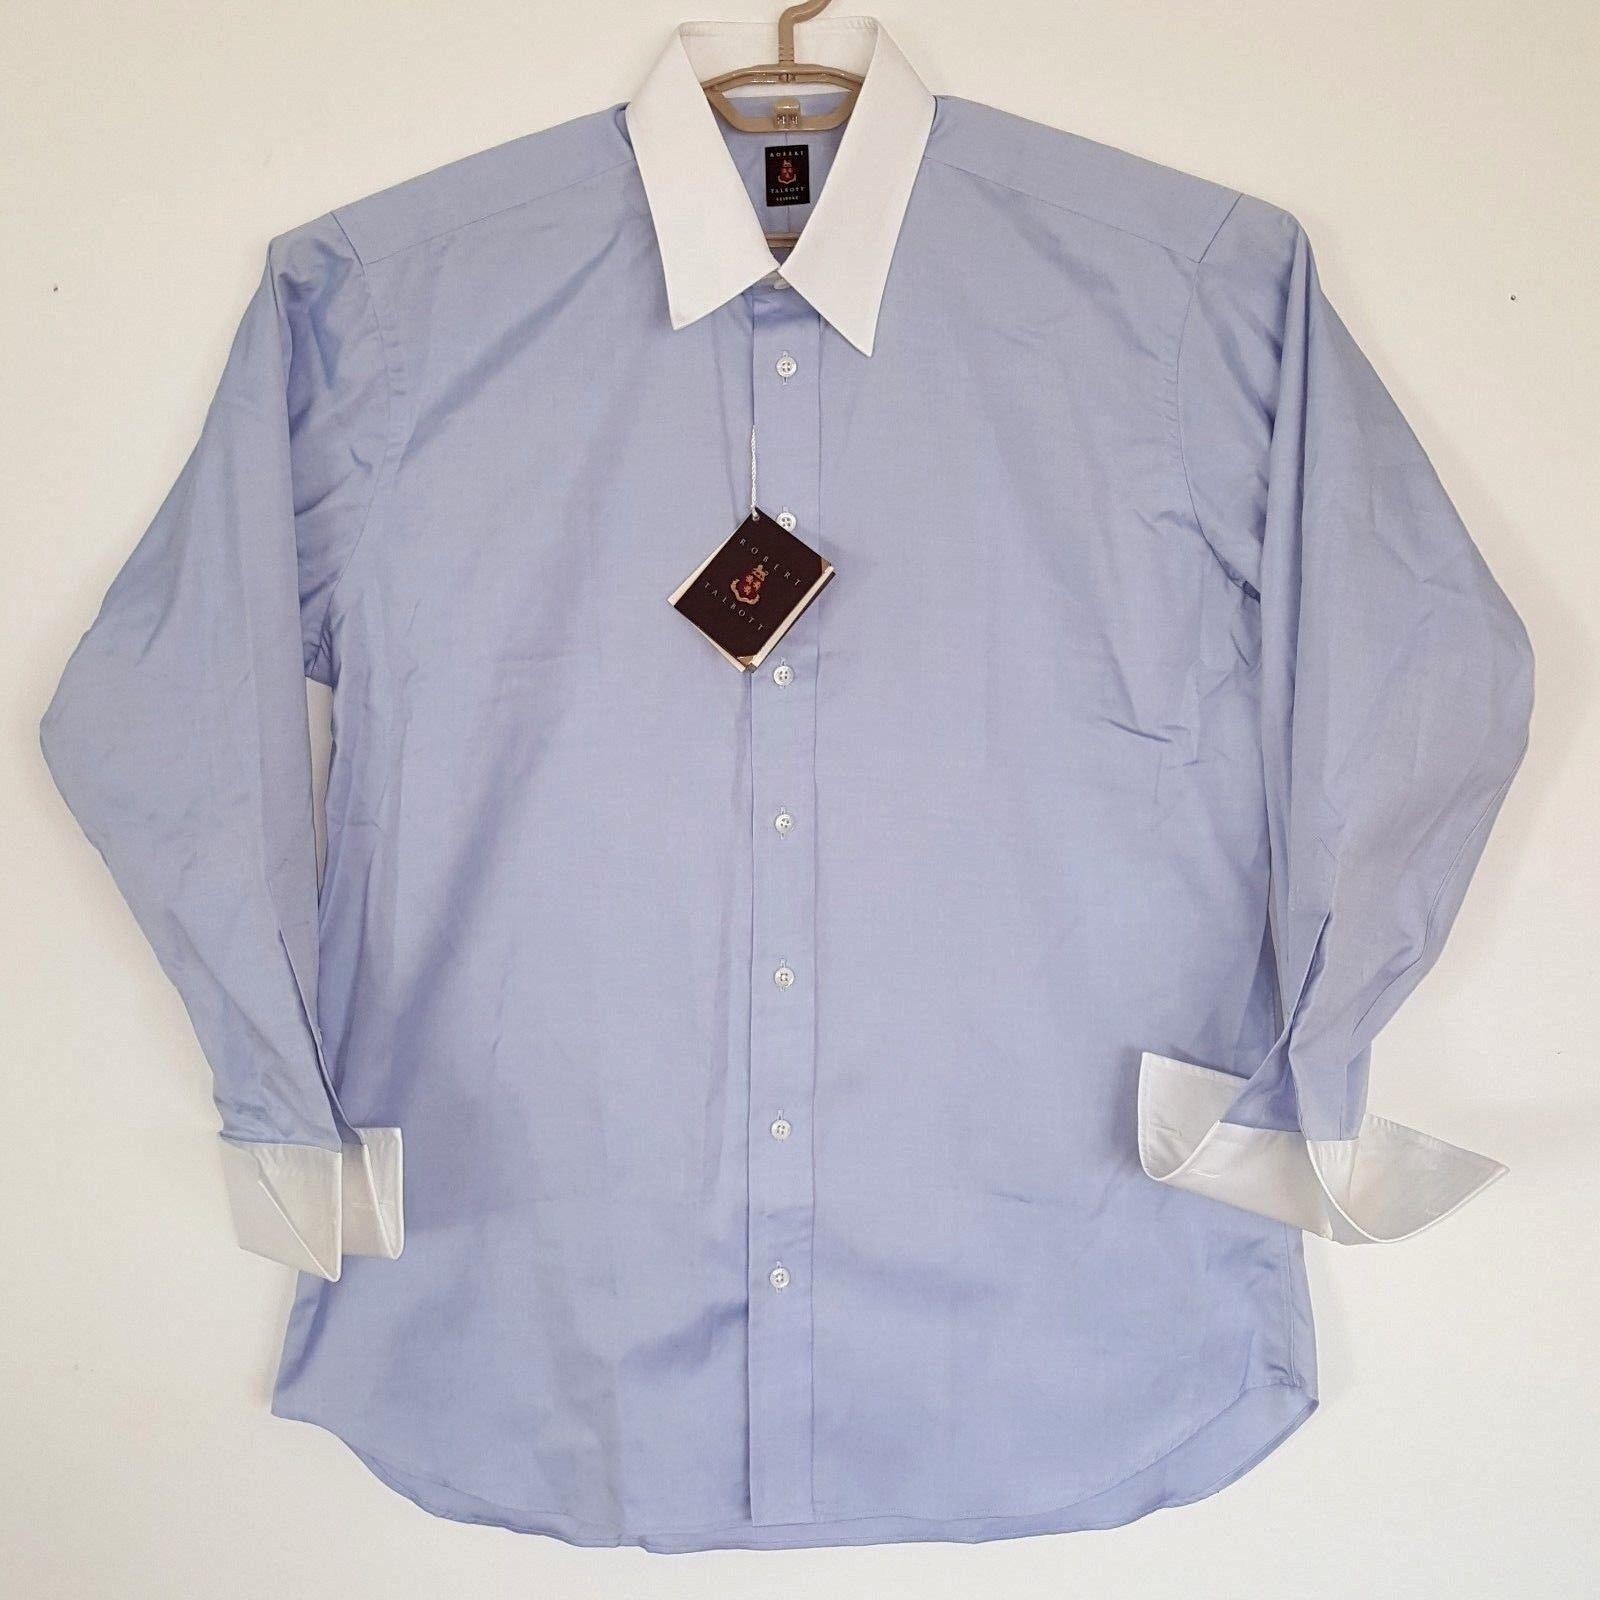 ROBERT TALBOTT Bespoke Sky bluee Cotton Linen Dress Shirt NWT